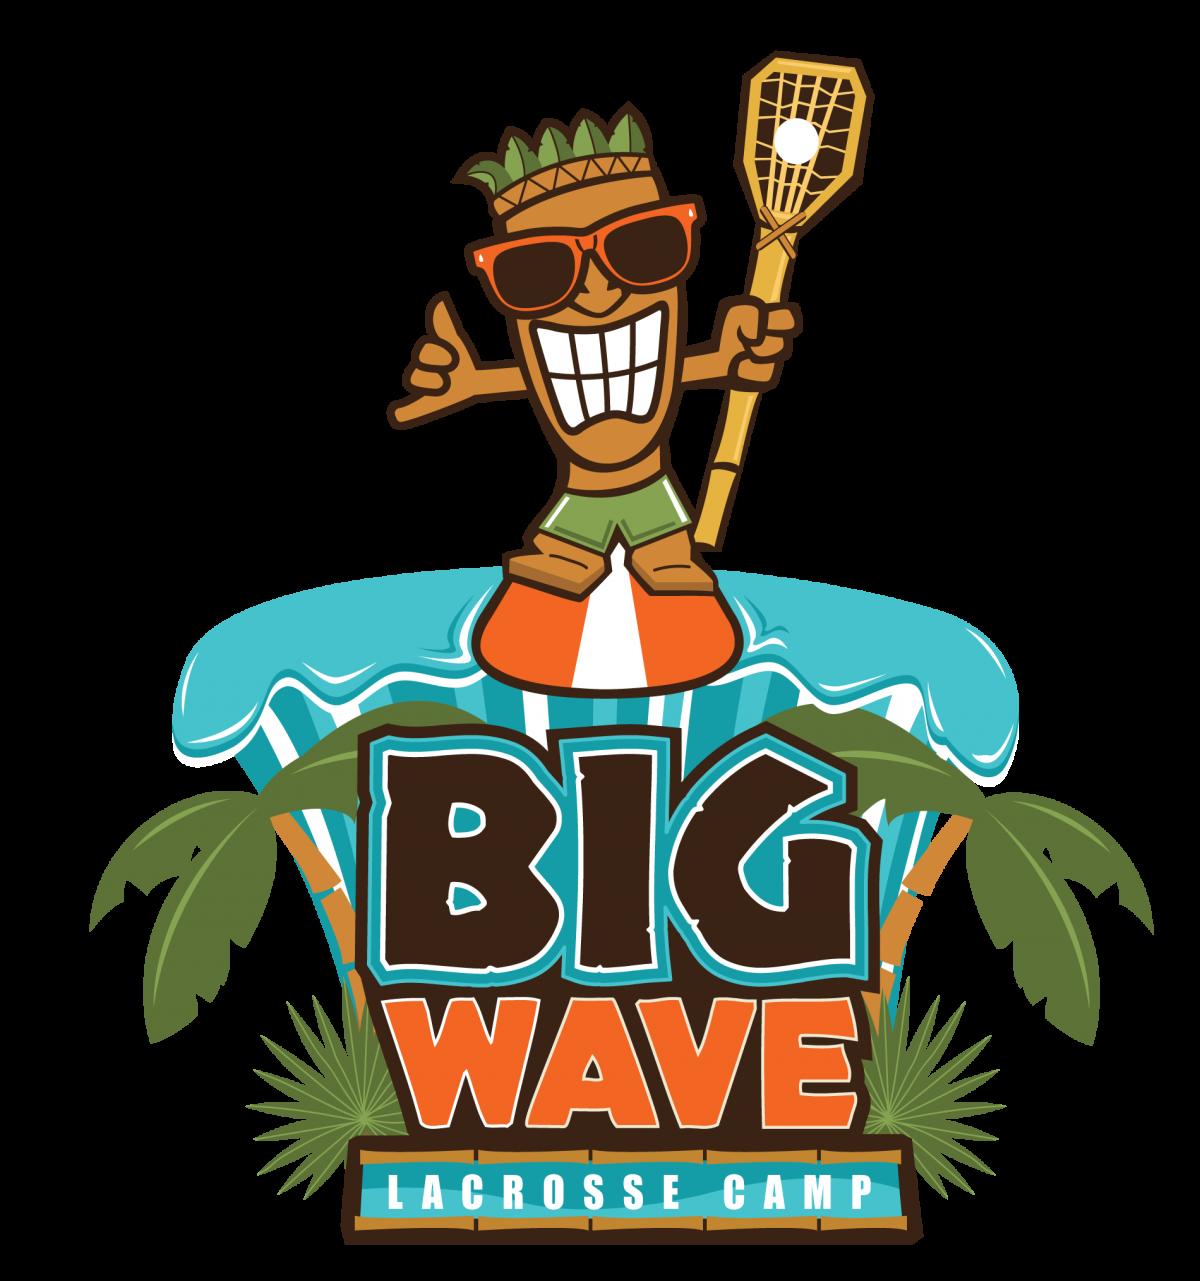 Clipart wave big wave. Lacrosse